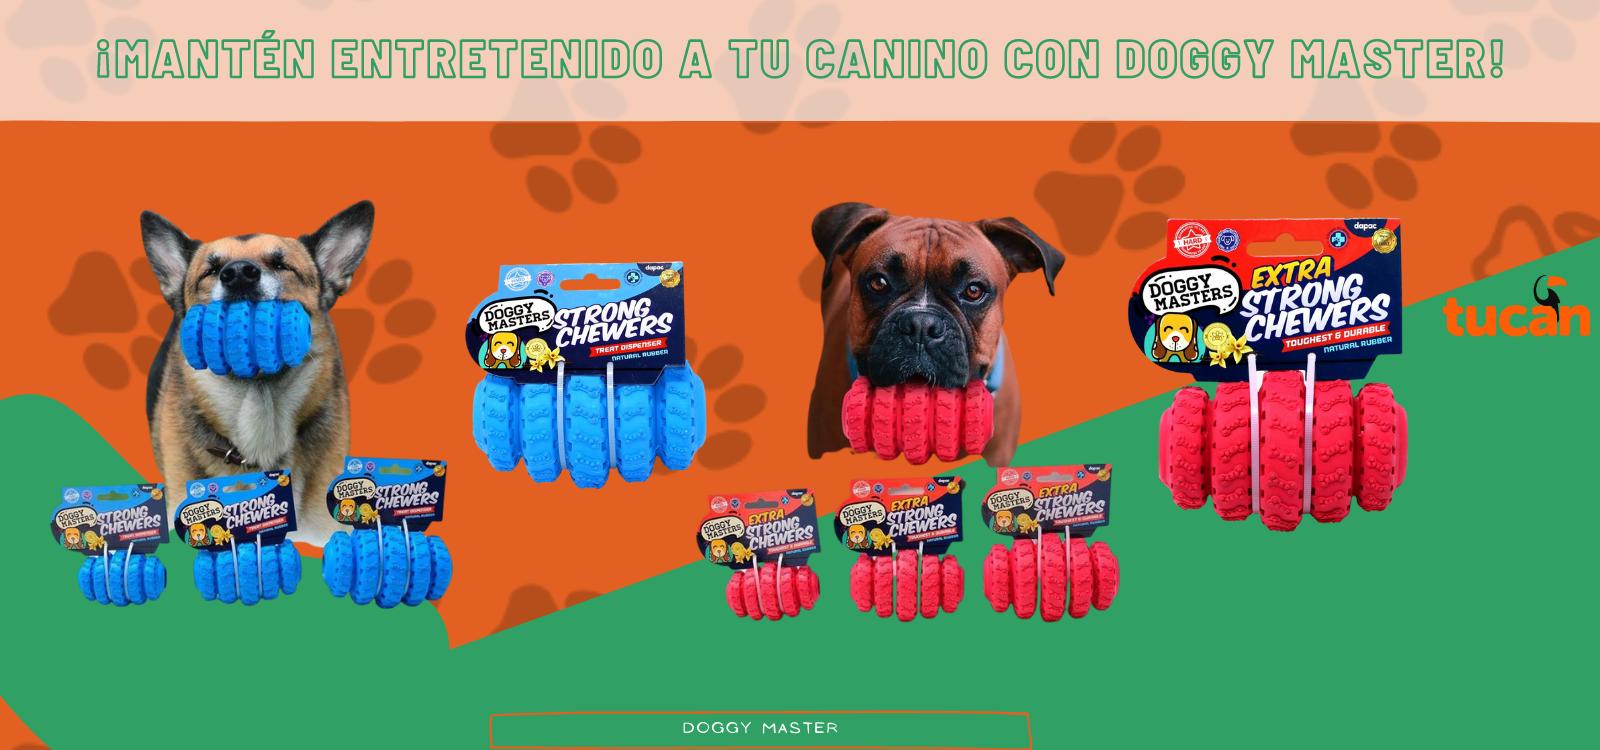 Doggy master perro movil2